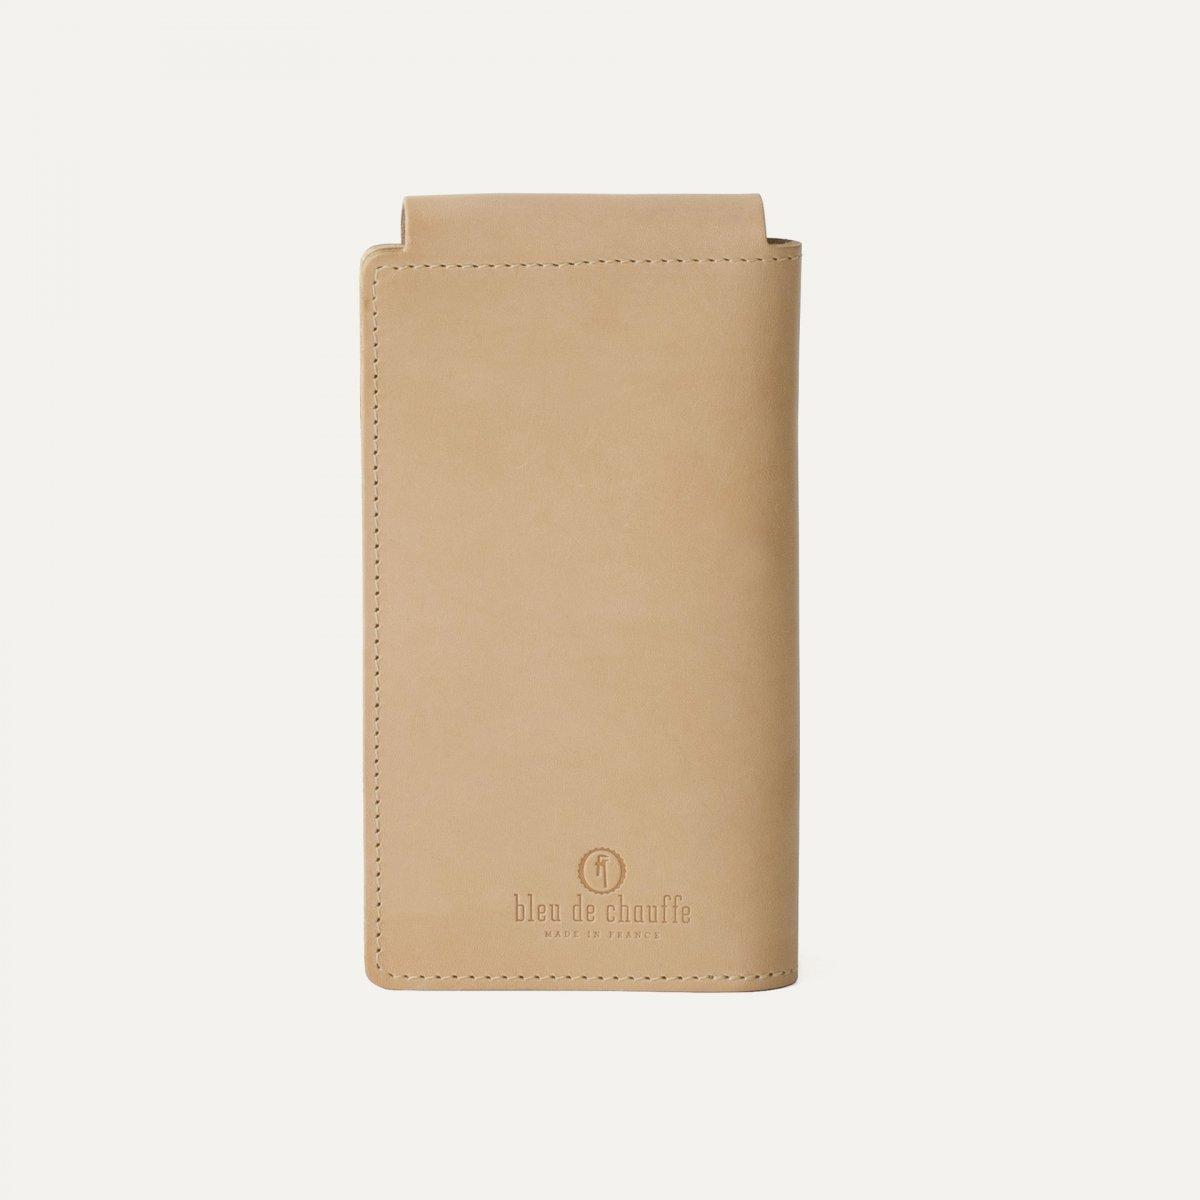 Corto wallet - Natural (image n°2)